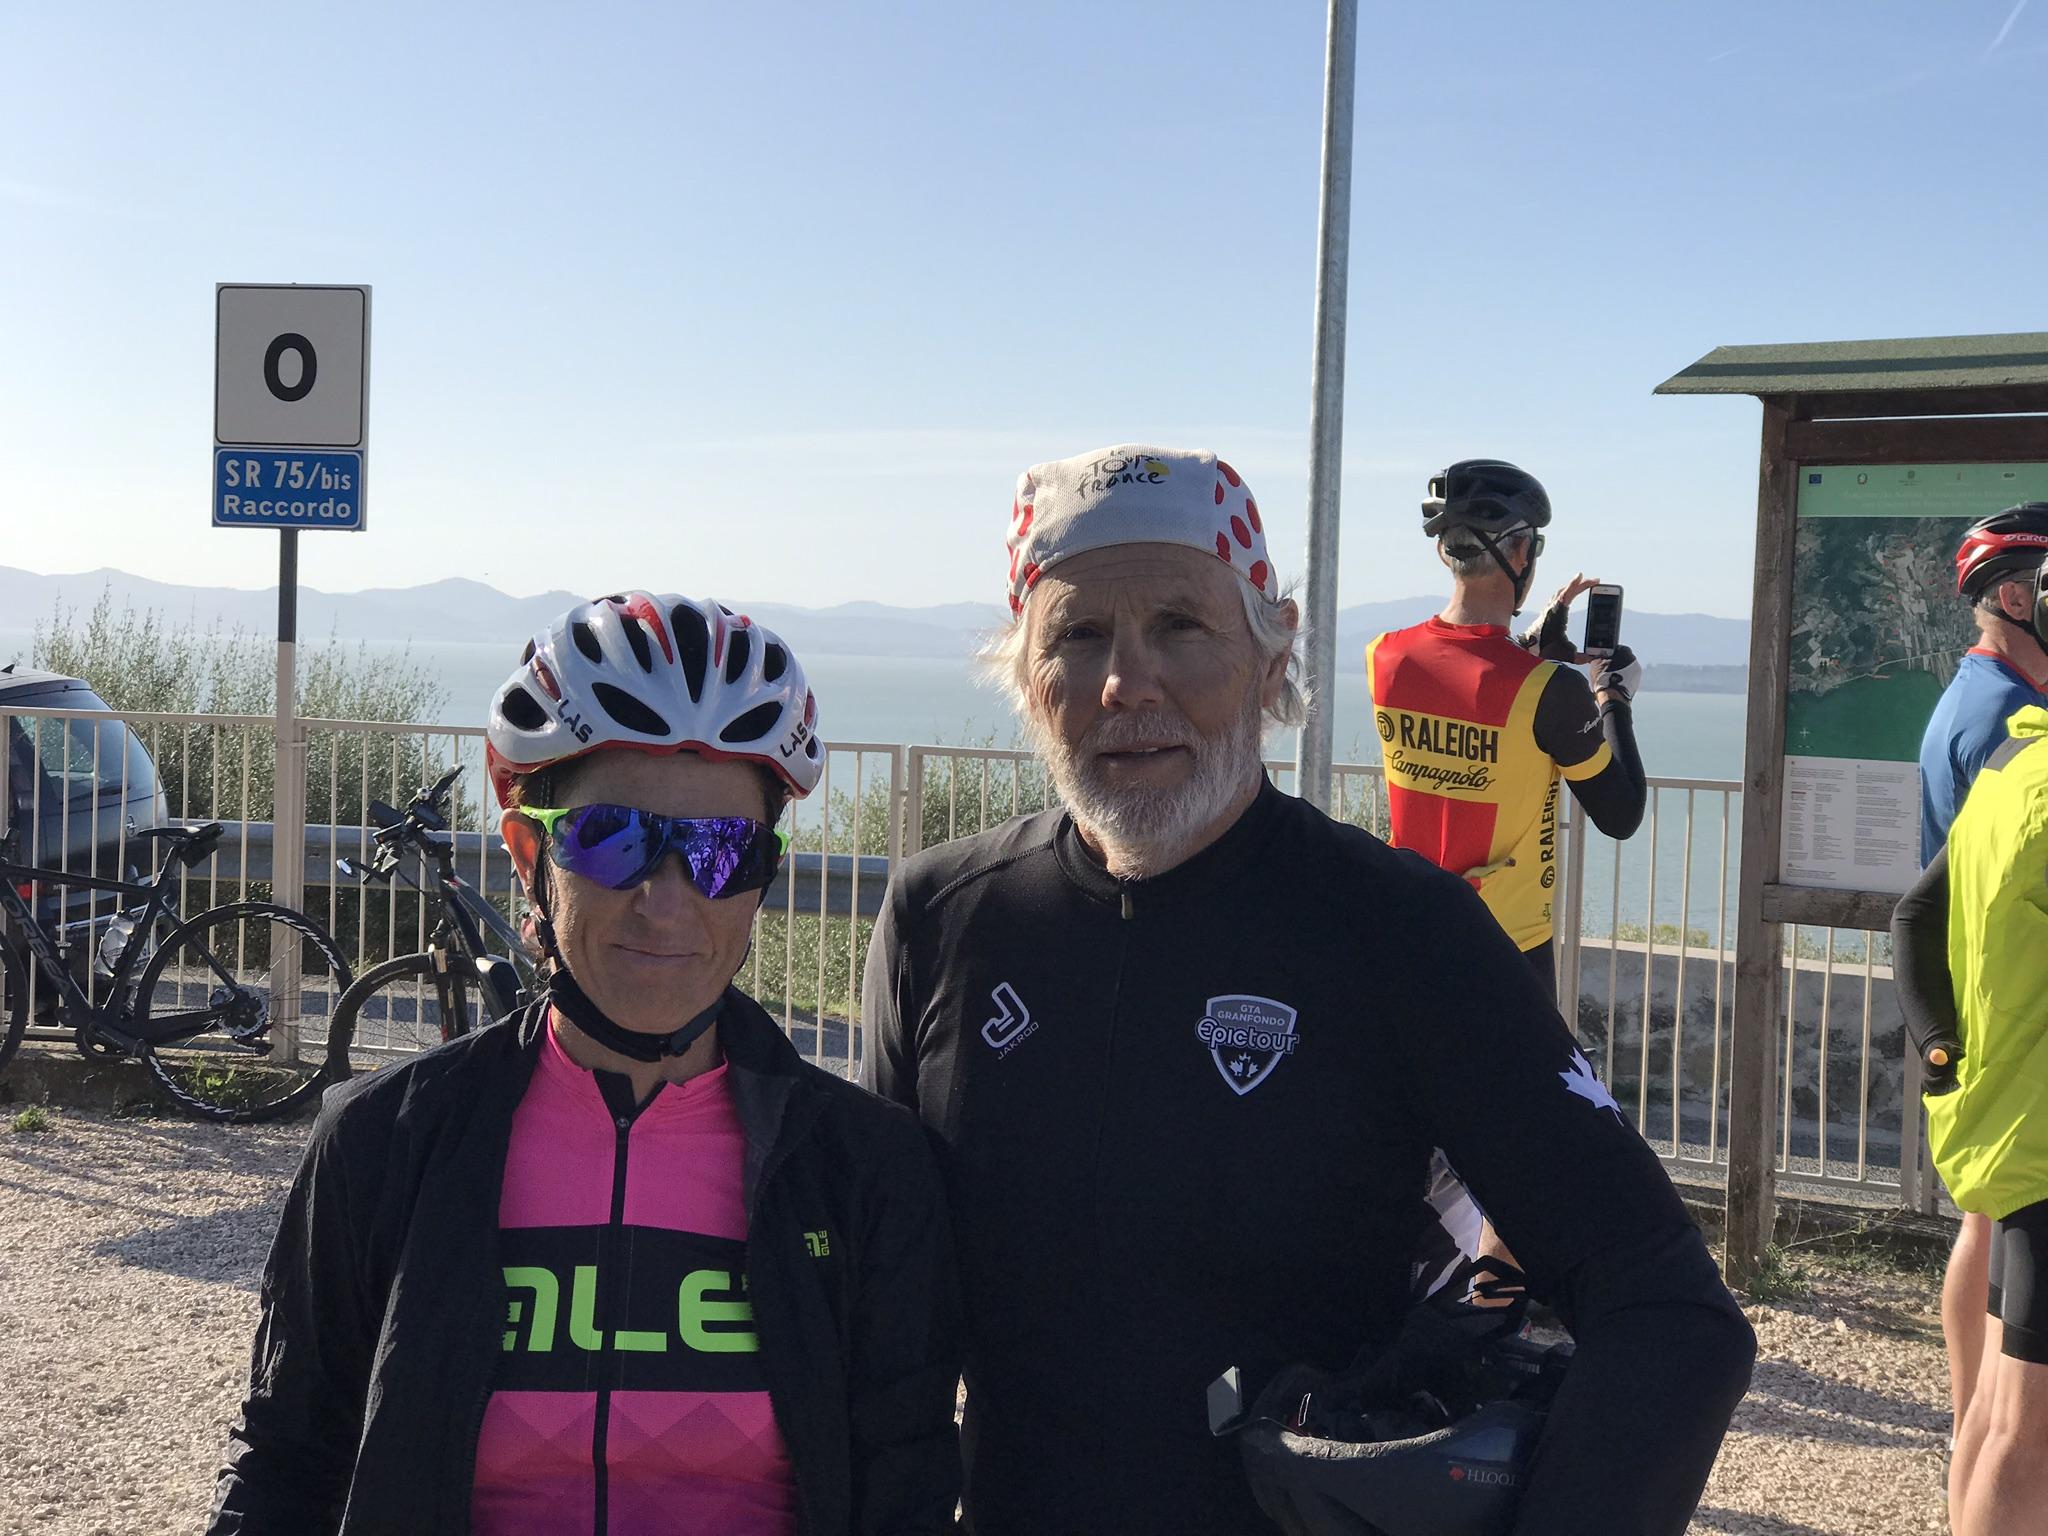 Charlie and Fabiana Luperini bike tour Hannibal